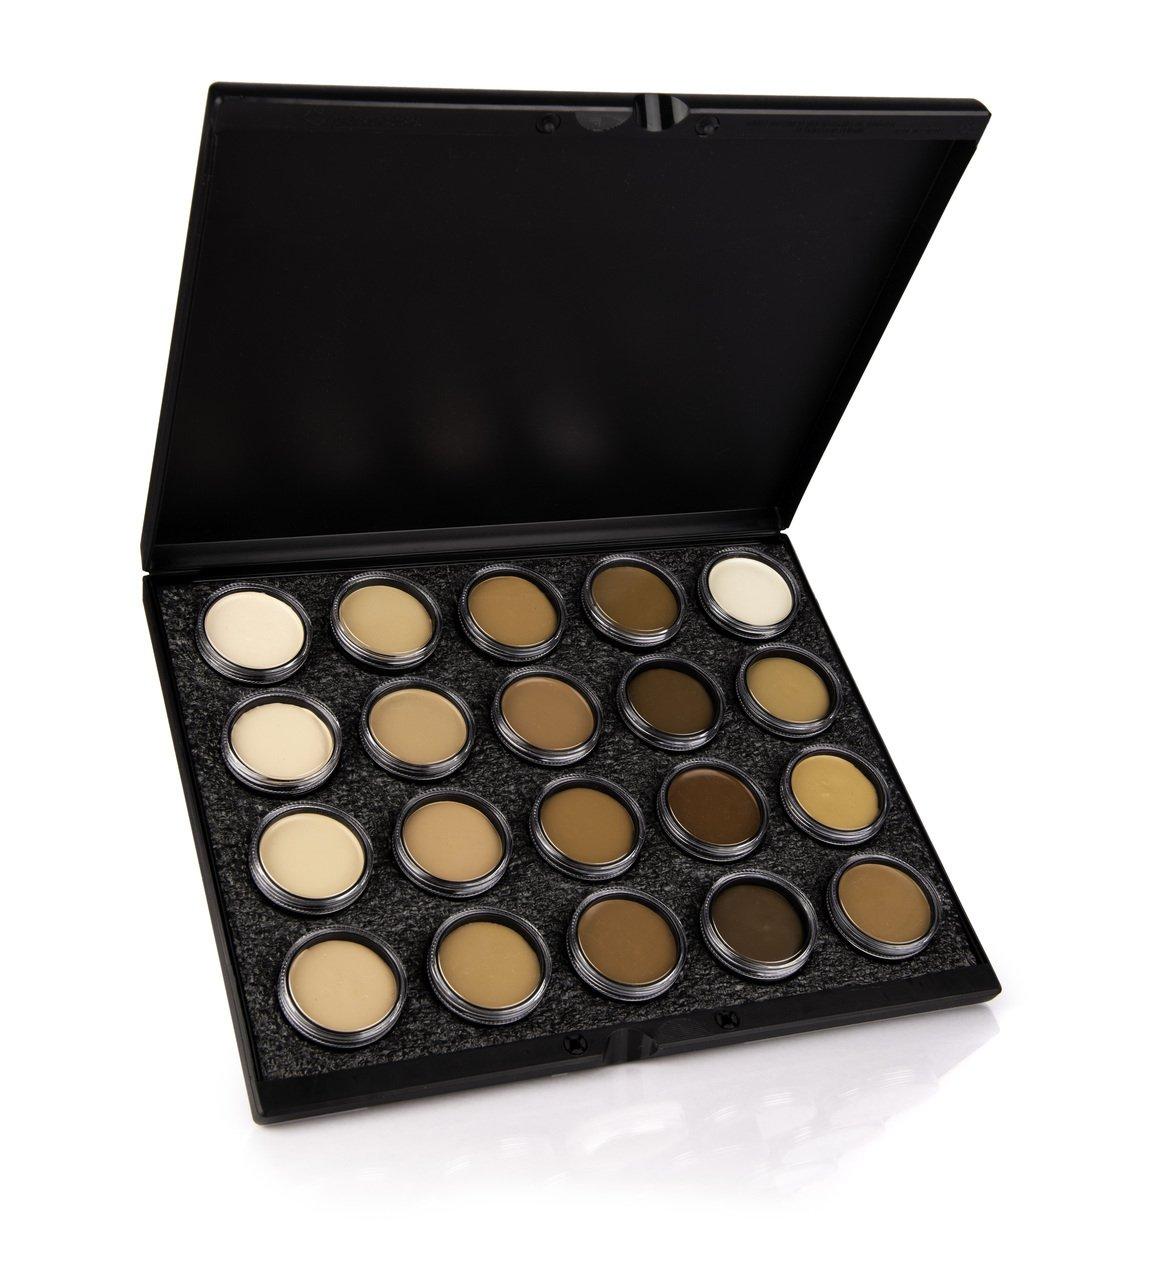 Mehron Makeup Celebre Pro-HD Cream Face & Body Makeup, 20 Color Foundation Palette by Mehron (Image #1)